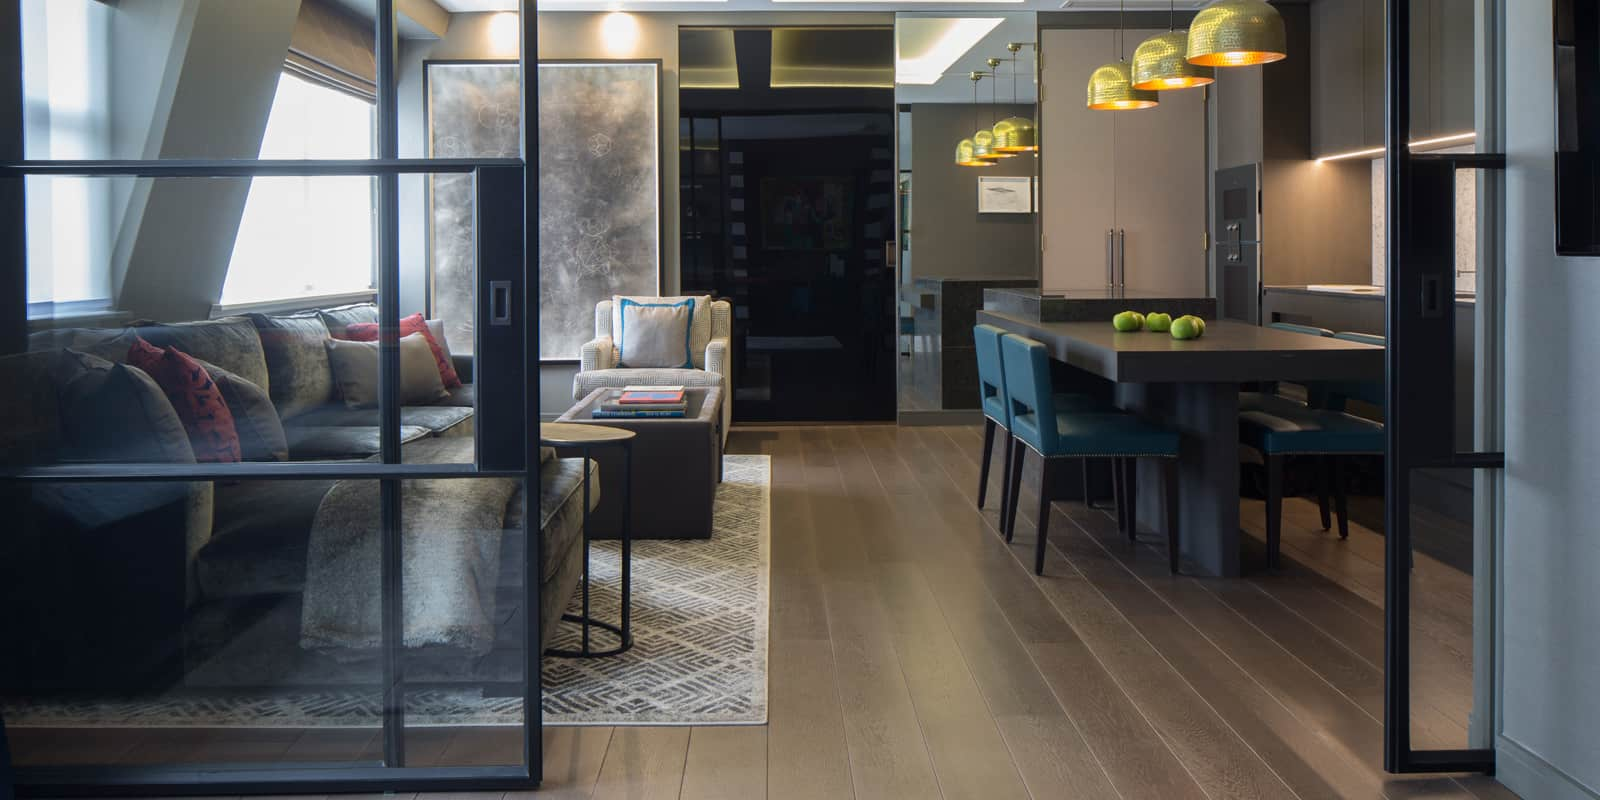 fitzrovia-apartment-london-interior-design-roselind-wilson-design